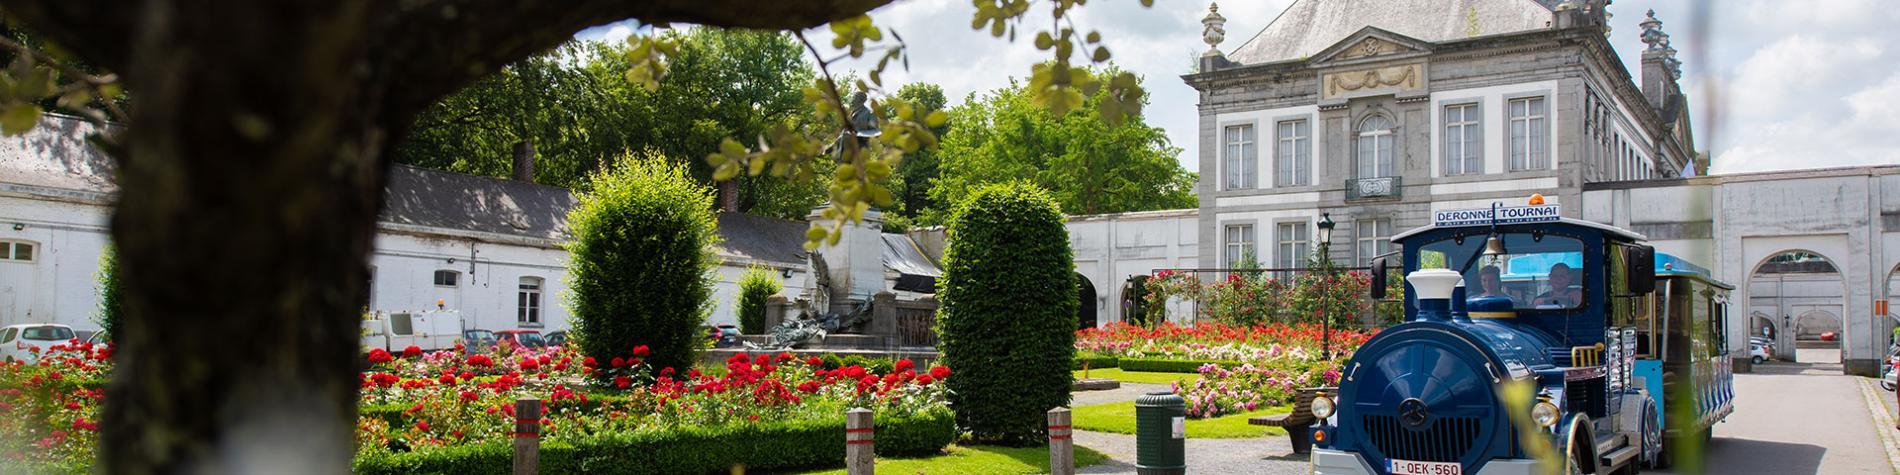 hôtel de ville - Tournai